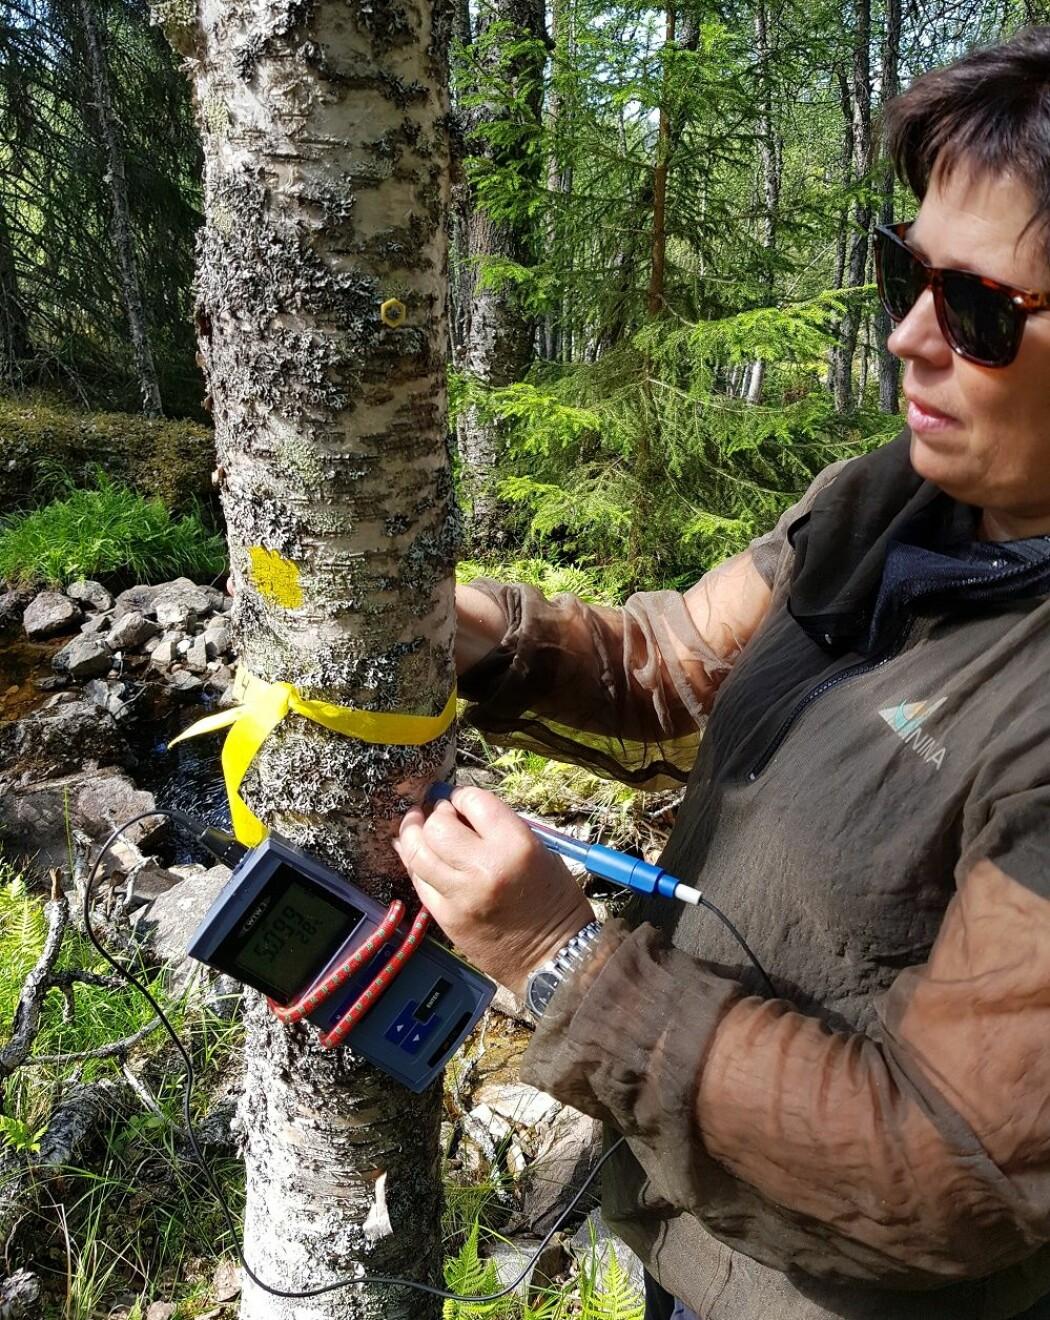 Det er overraskende krevende å gjøre denne jobben. En sonde med væske må holdes stødig på treet mens målingen stabiliserer seg. Det er kun et fåtall som behersker denne teknikken godt. Krampe i armen er et problem. (Foto: Magni Olsen Kyrkjeeide)